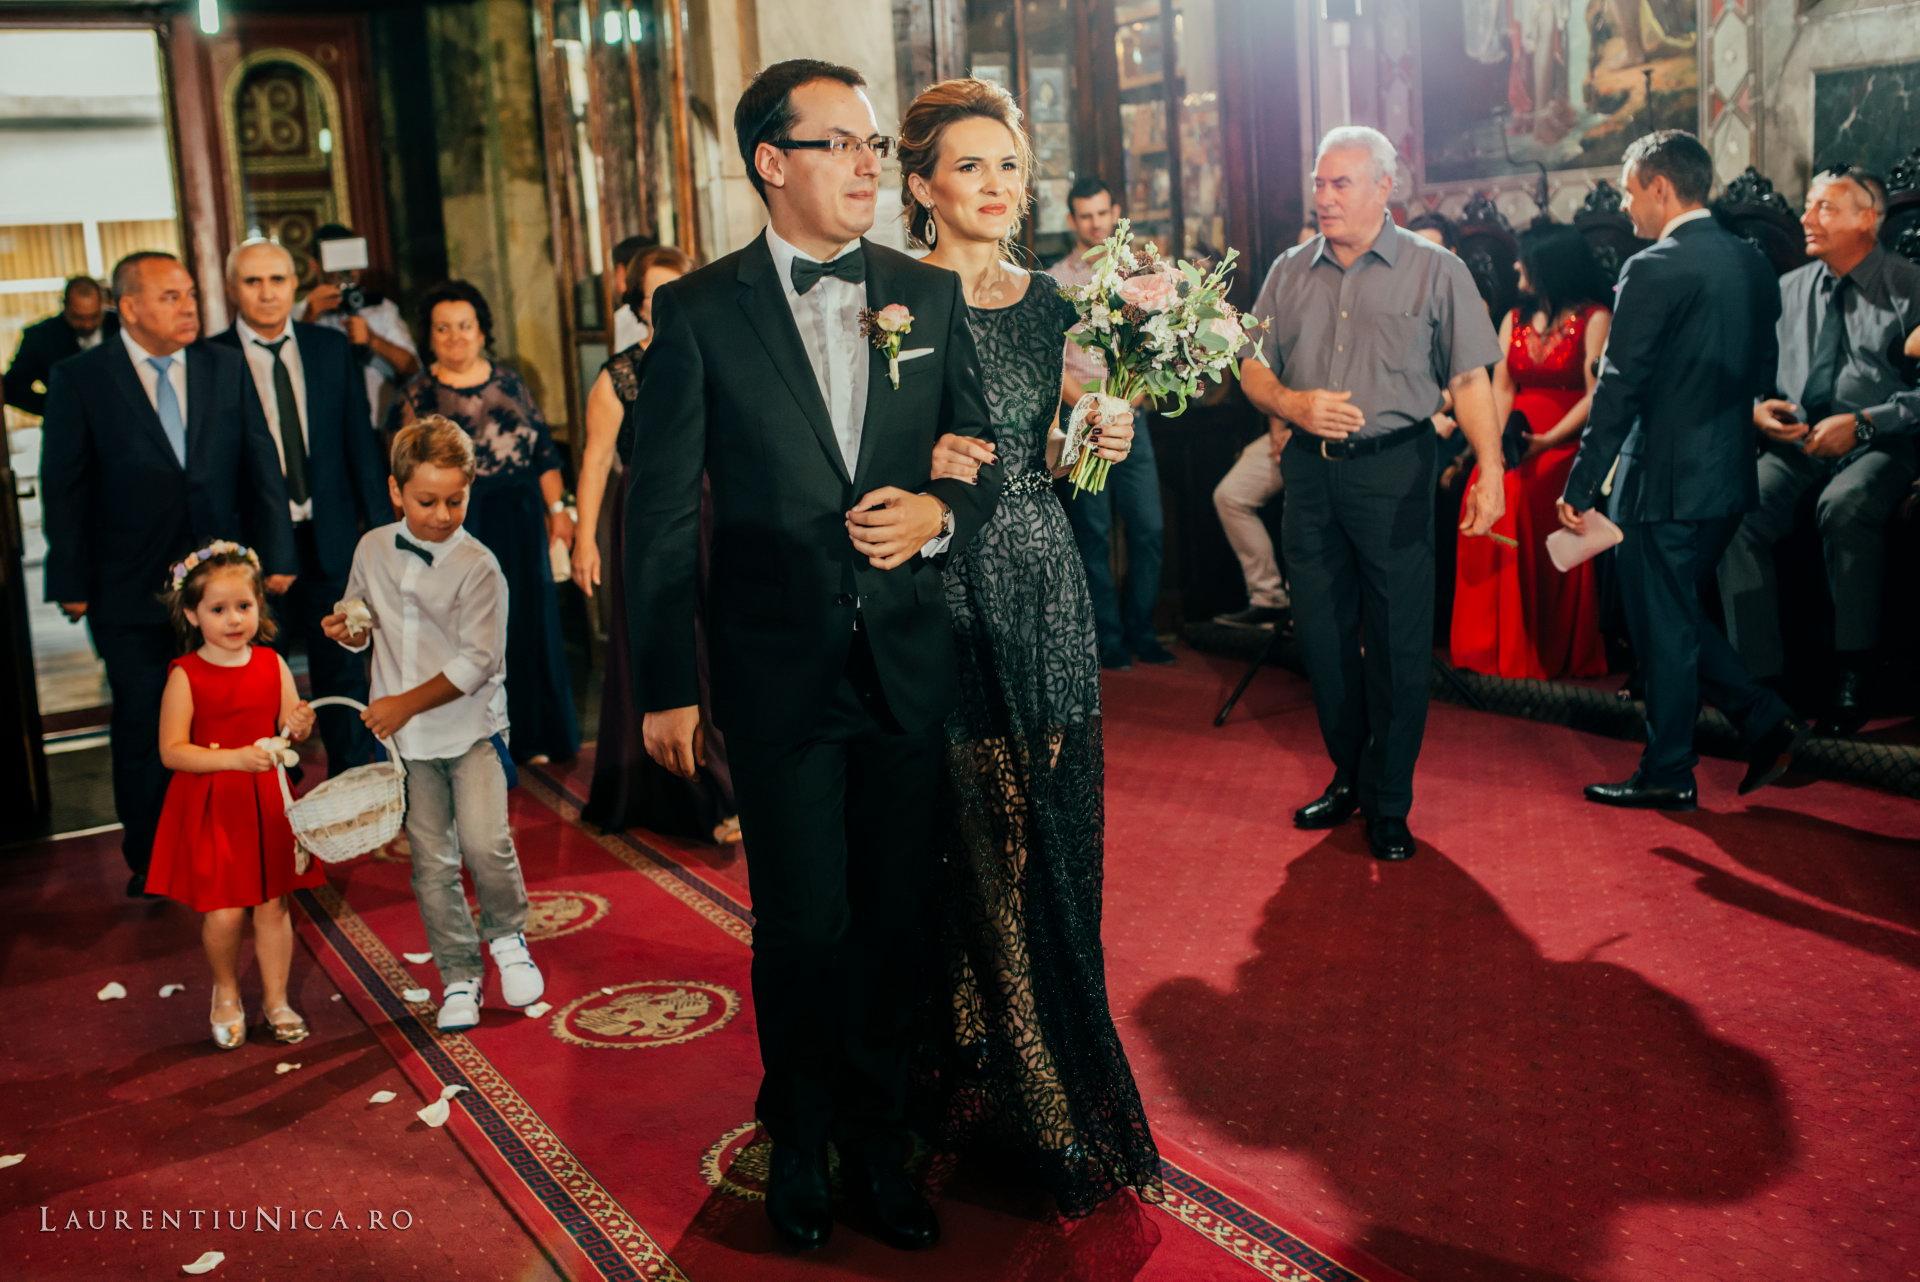 alina si razvan craiova fotograf nunta laurentiu nica37 - Alina & Razvan | Fotografii nunta